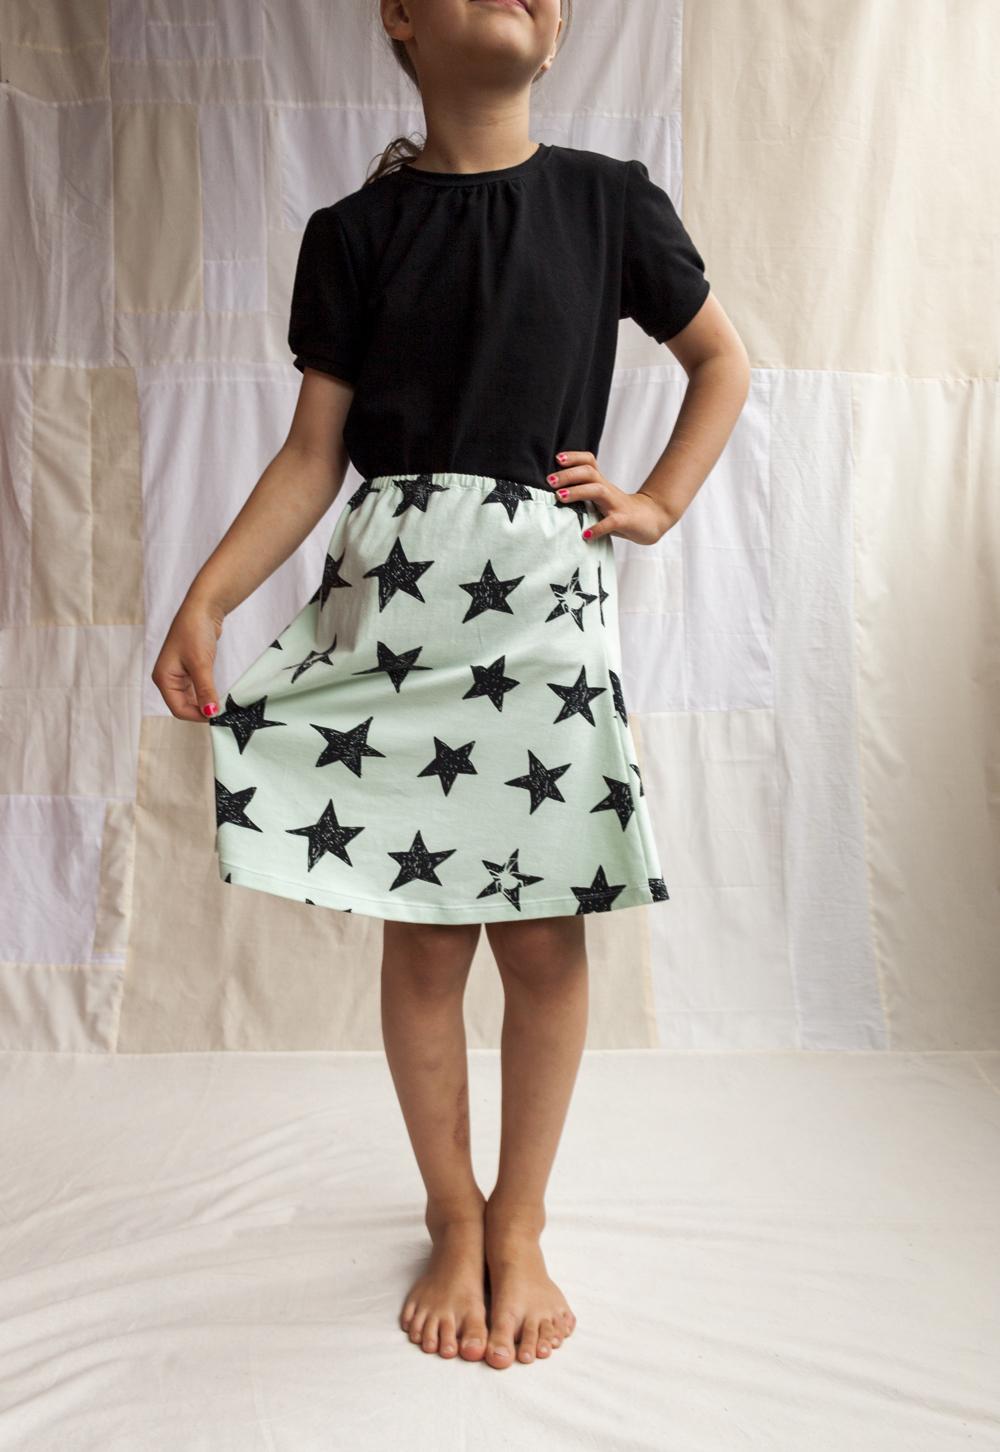 vaatteita lyhyelle naiselle Somero